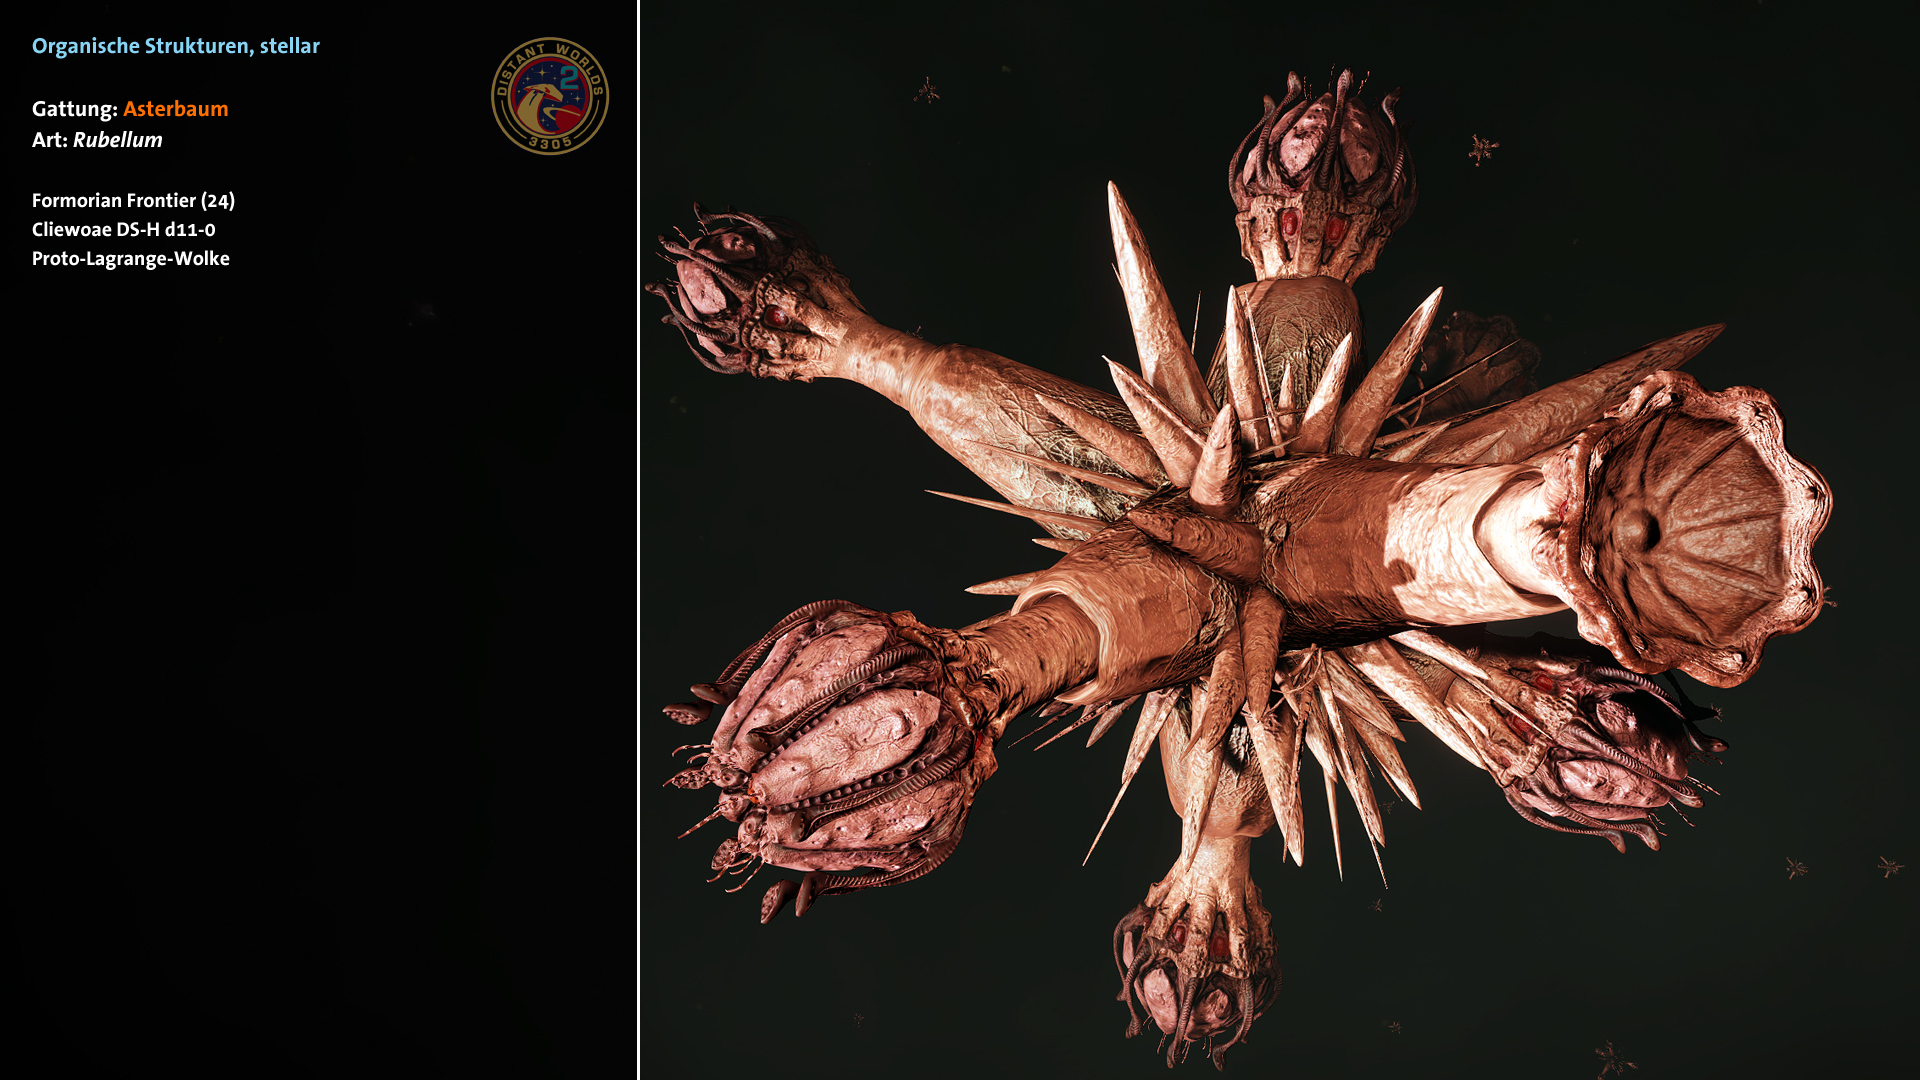 dw2-09-009-biostellar3rj8j.jpg